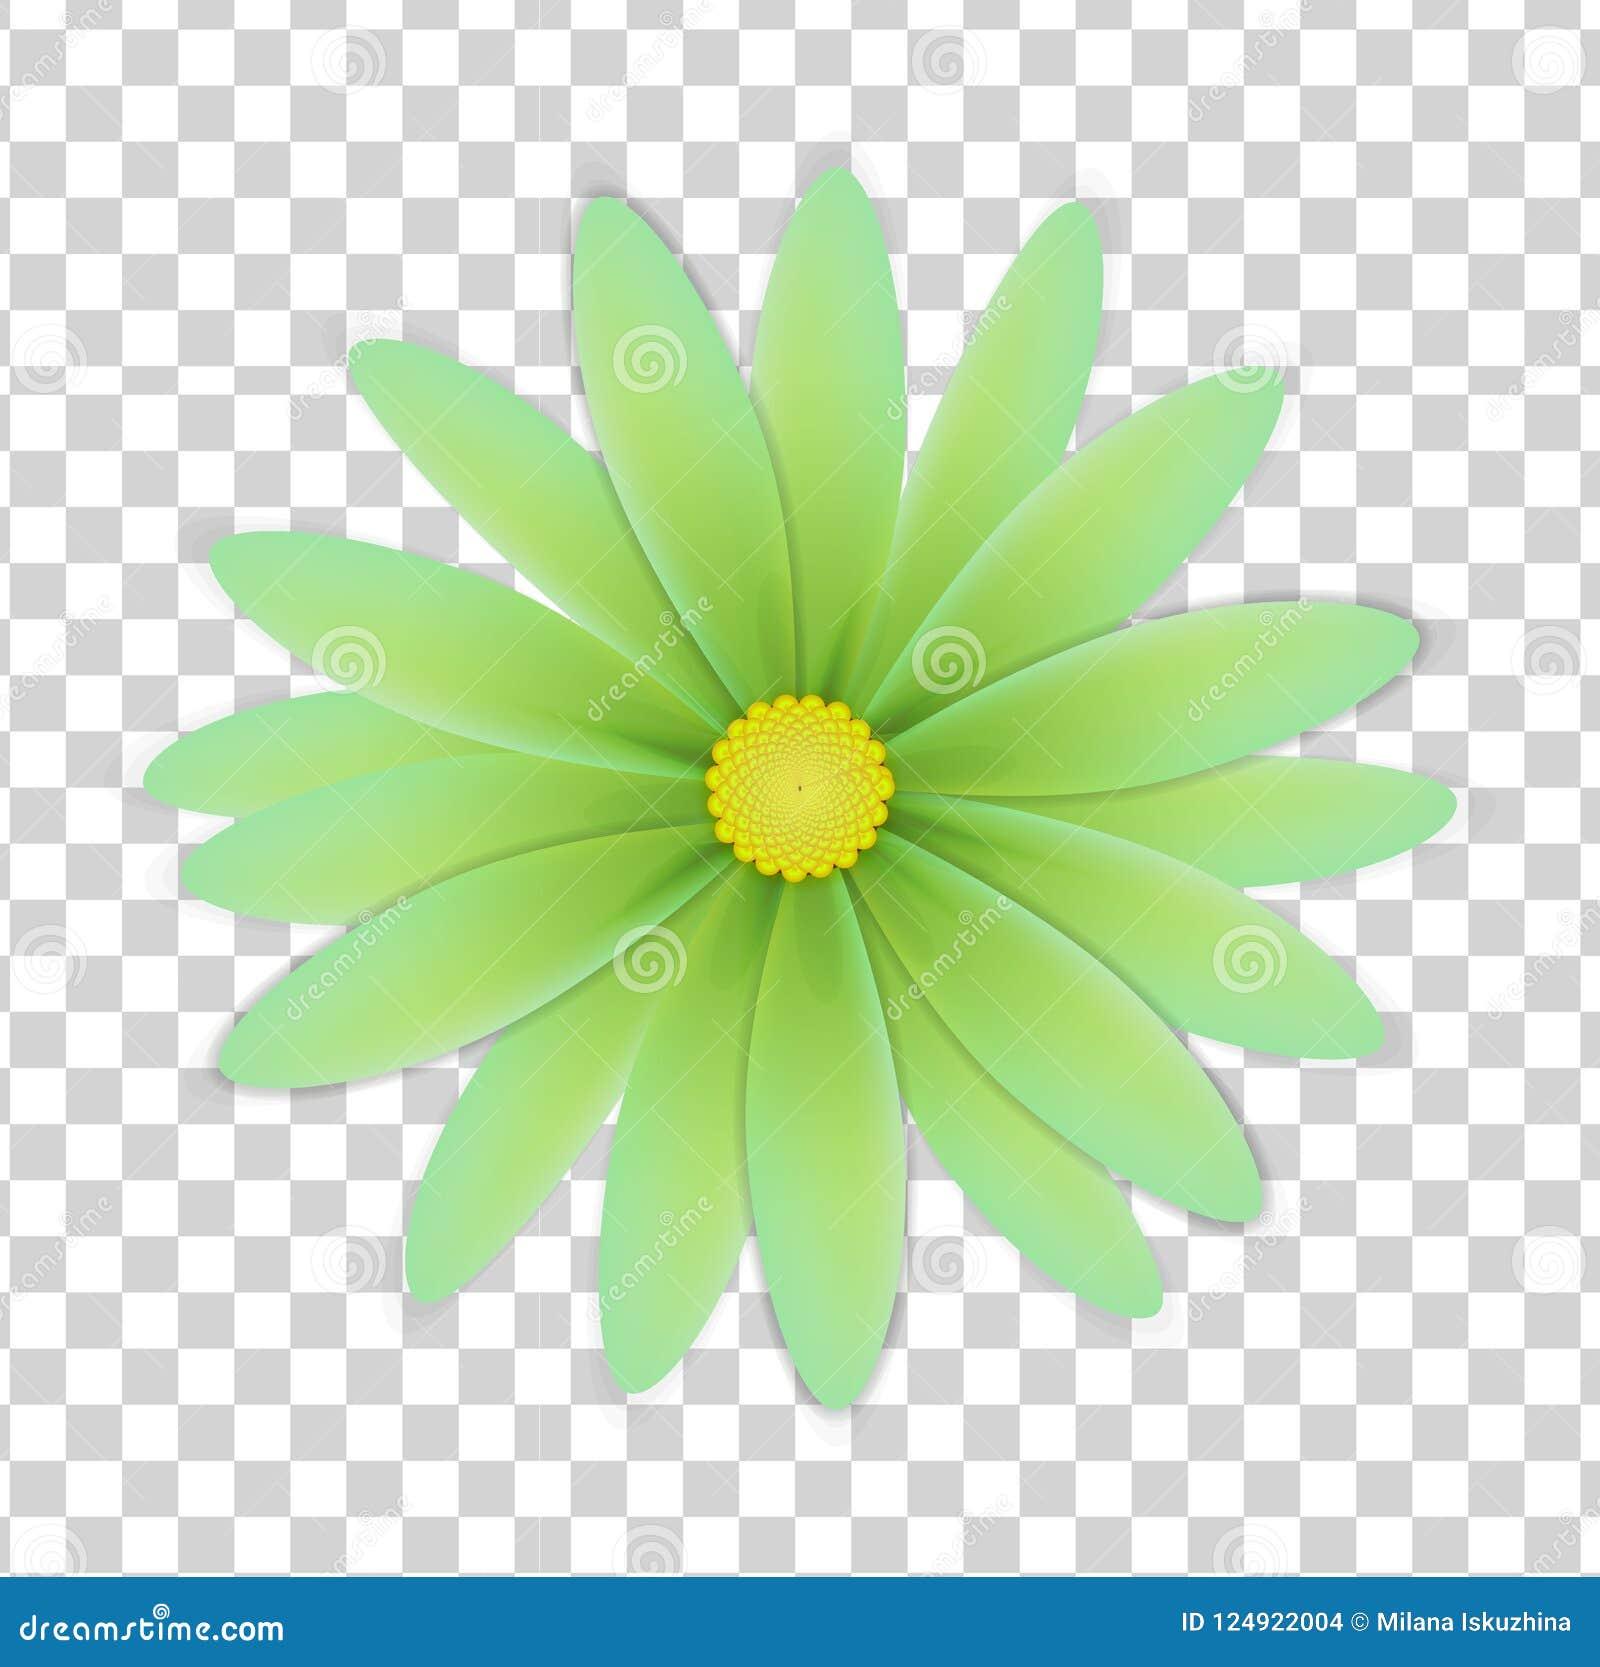 Fleur Simple De Couleurs Vertes Sur Un Fond Transparent